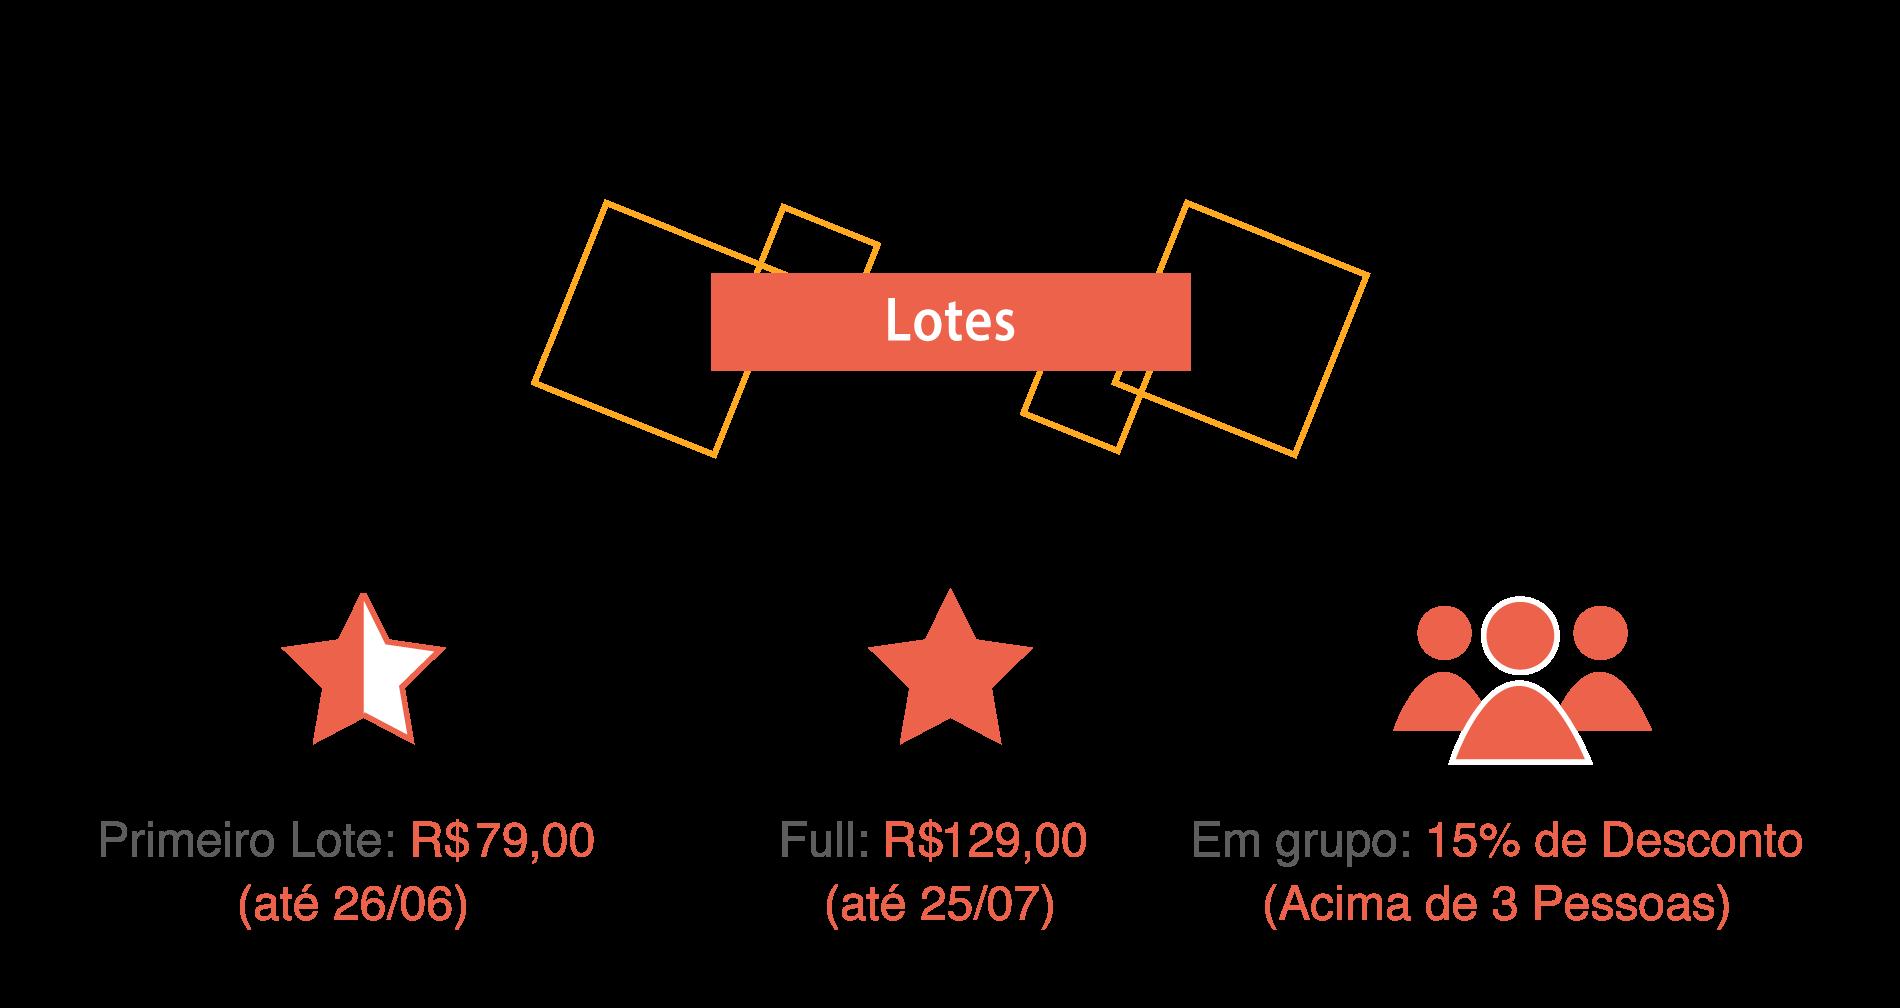 https://www.mestregp.com.br/wp-content/uploads/2018/02/Pagina-FórumBRA-lotes-1-1900x1008.png